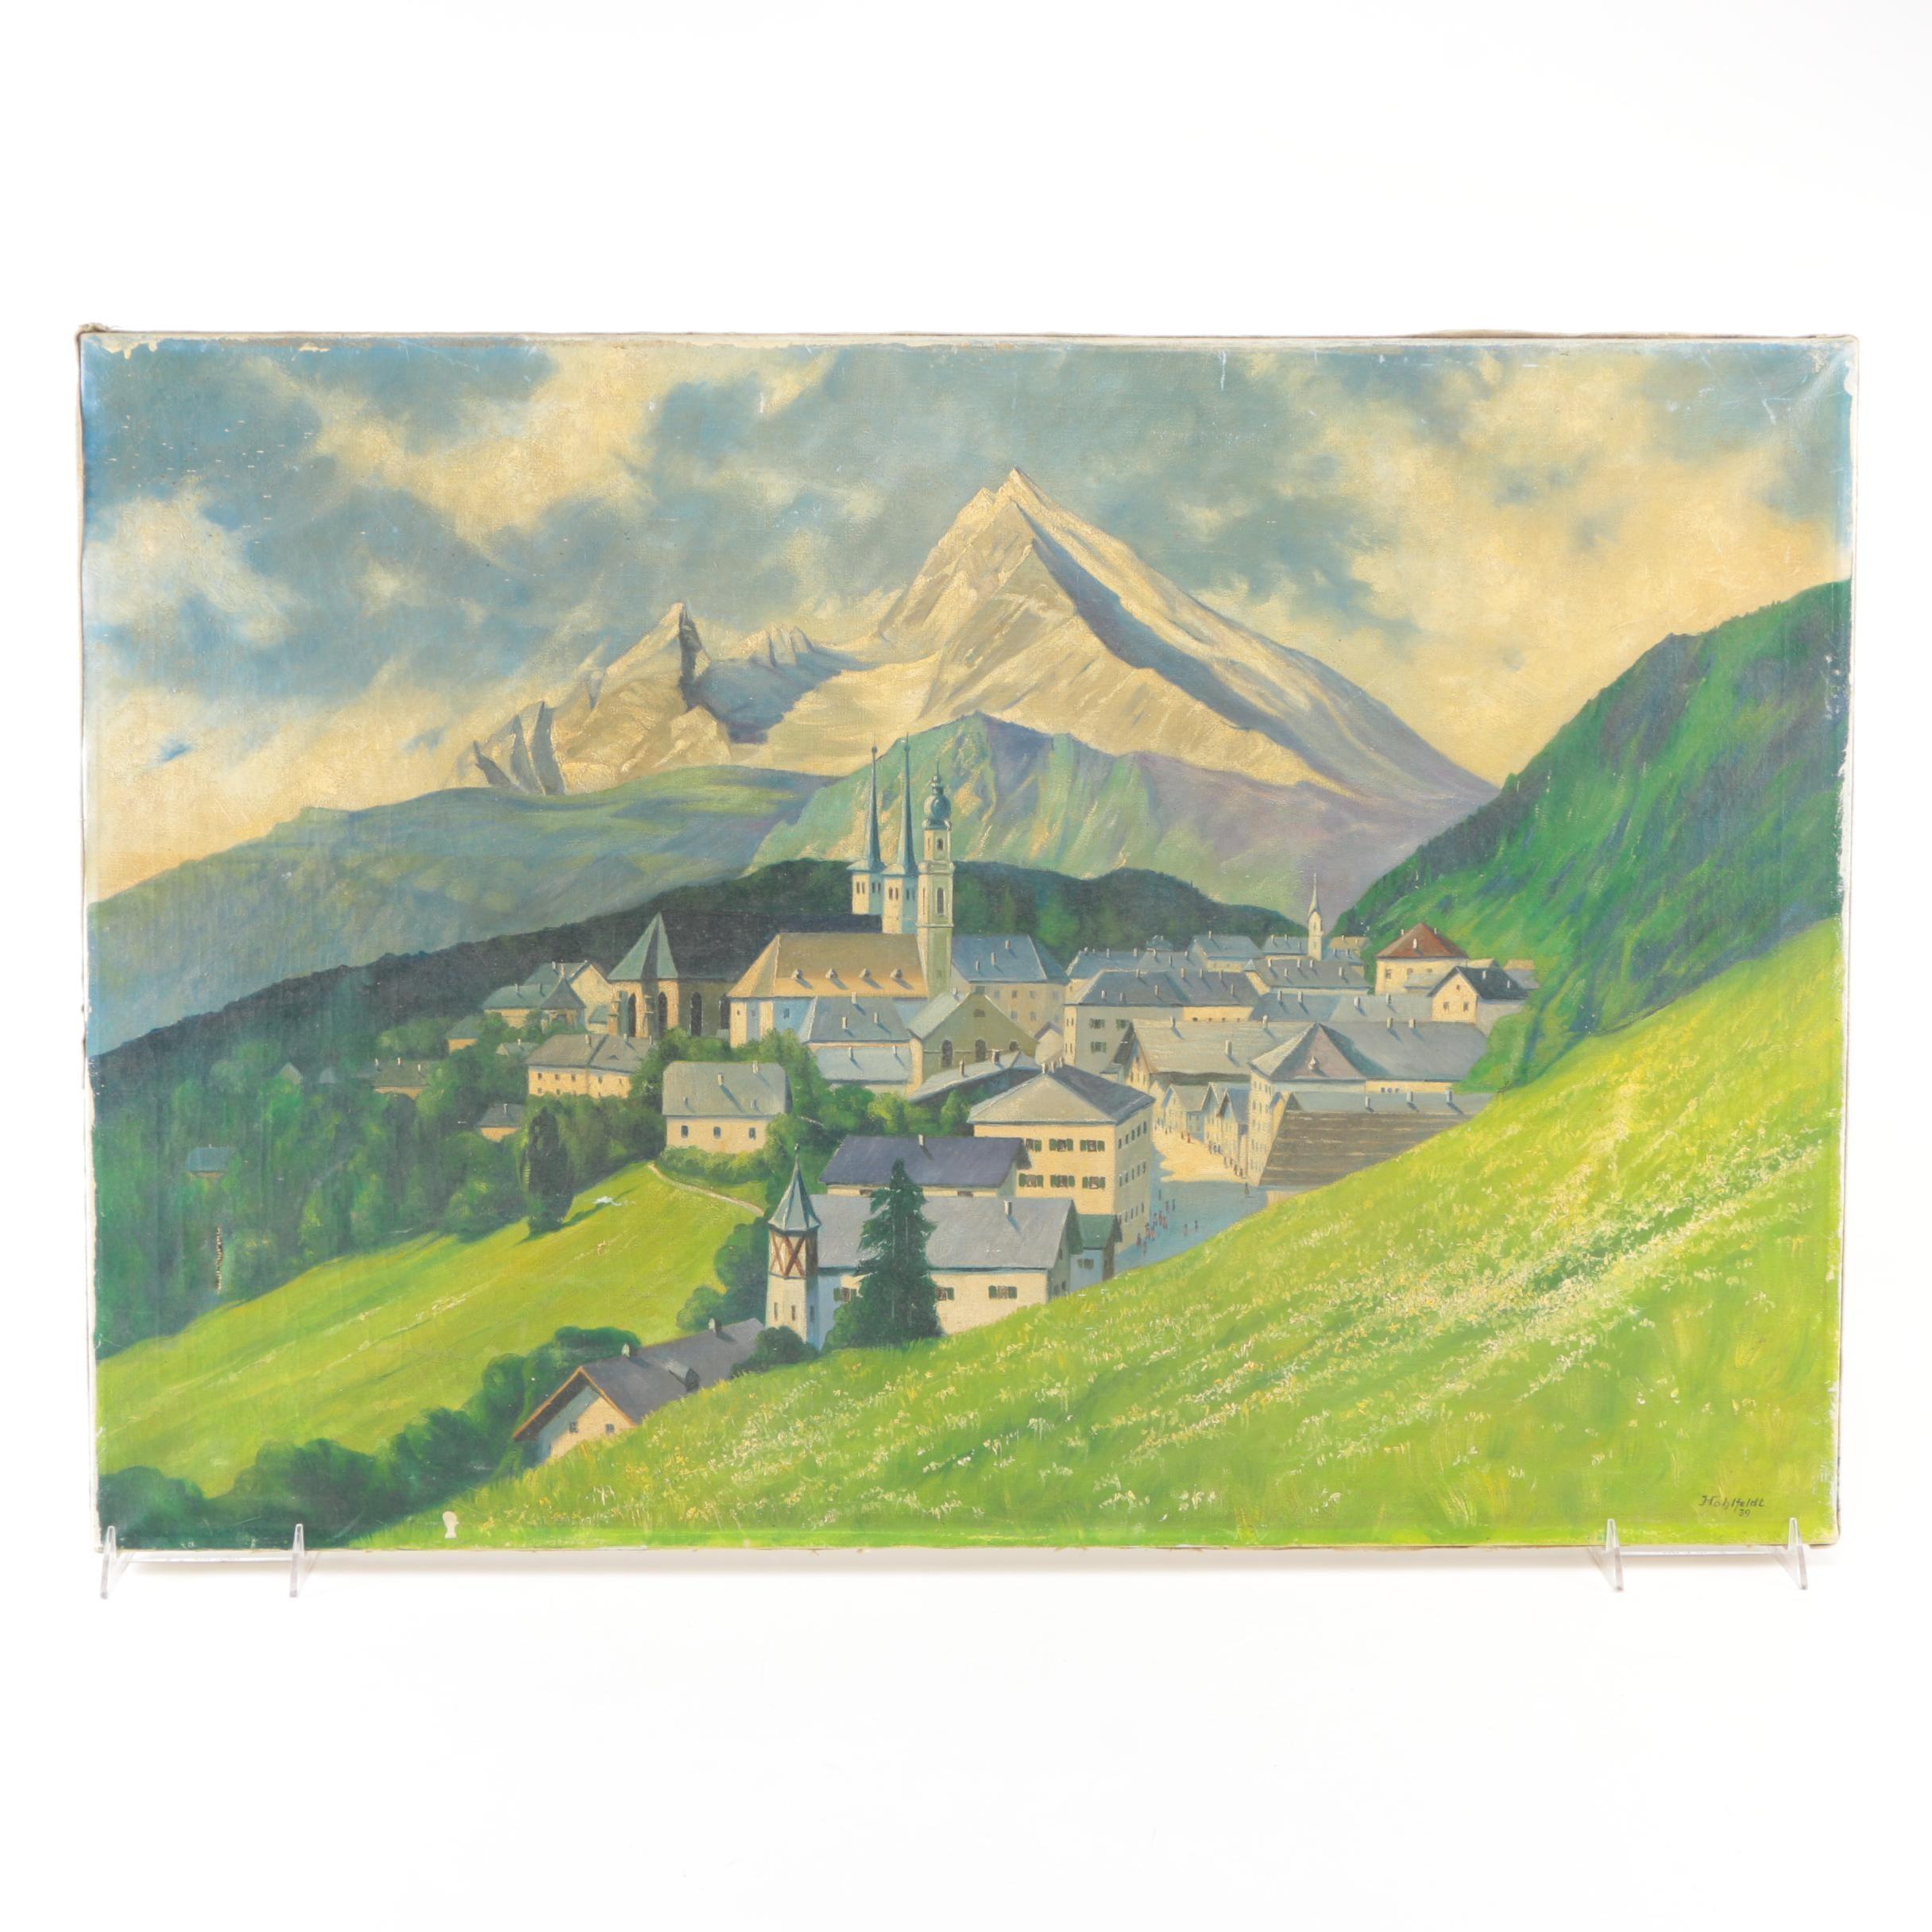 Hohlfeldt Oil Painting on Canvas of Mountainous Landscape